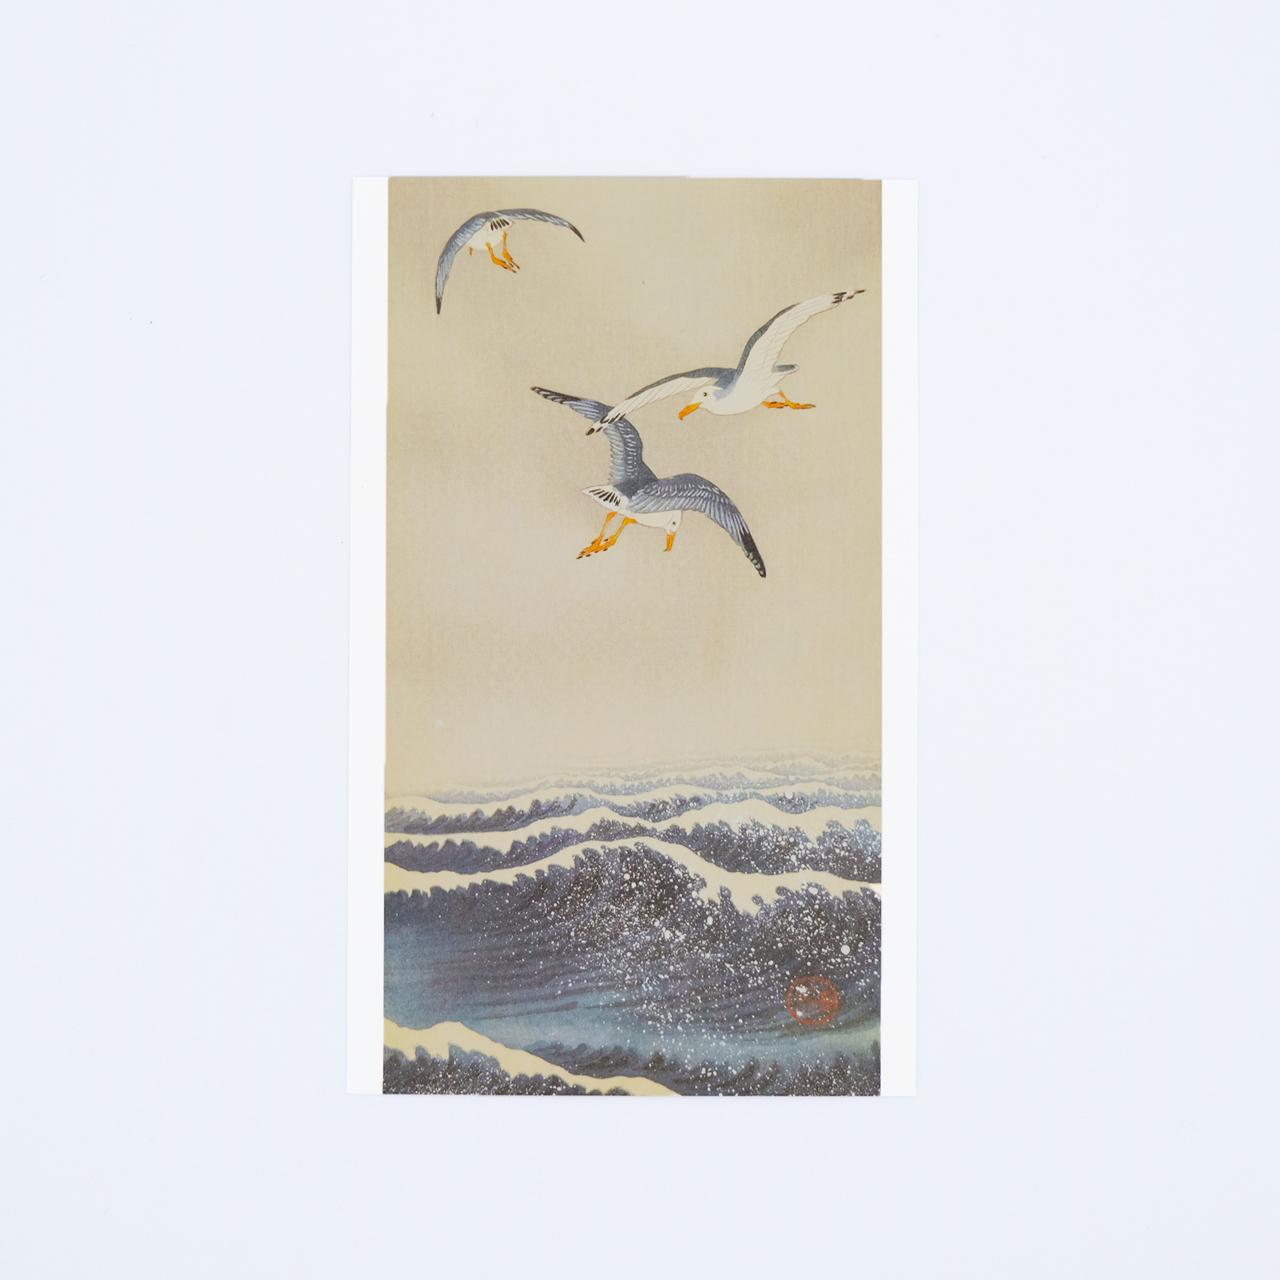 小原古邨ポストカード 海上の鷗